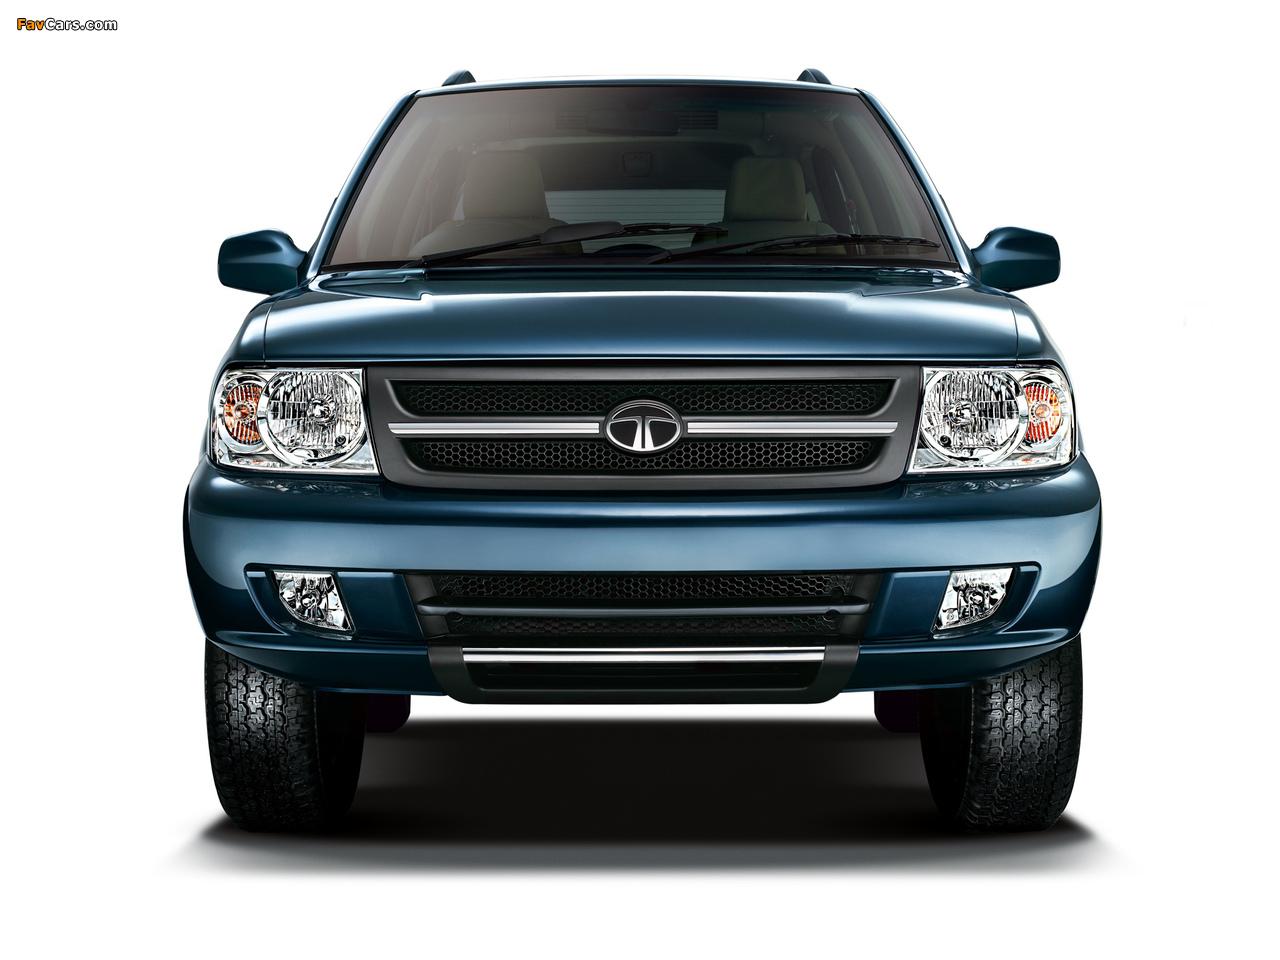 Tata Safari 2009 images (1280 x 960)